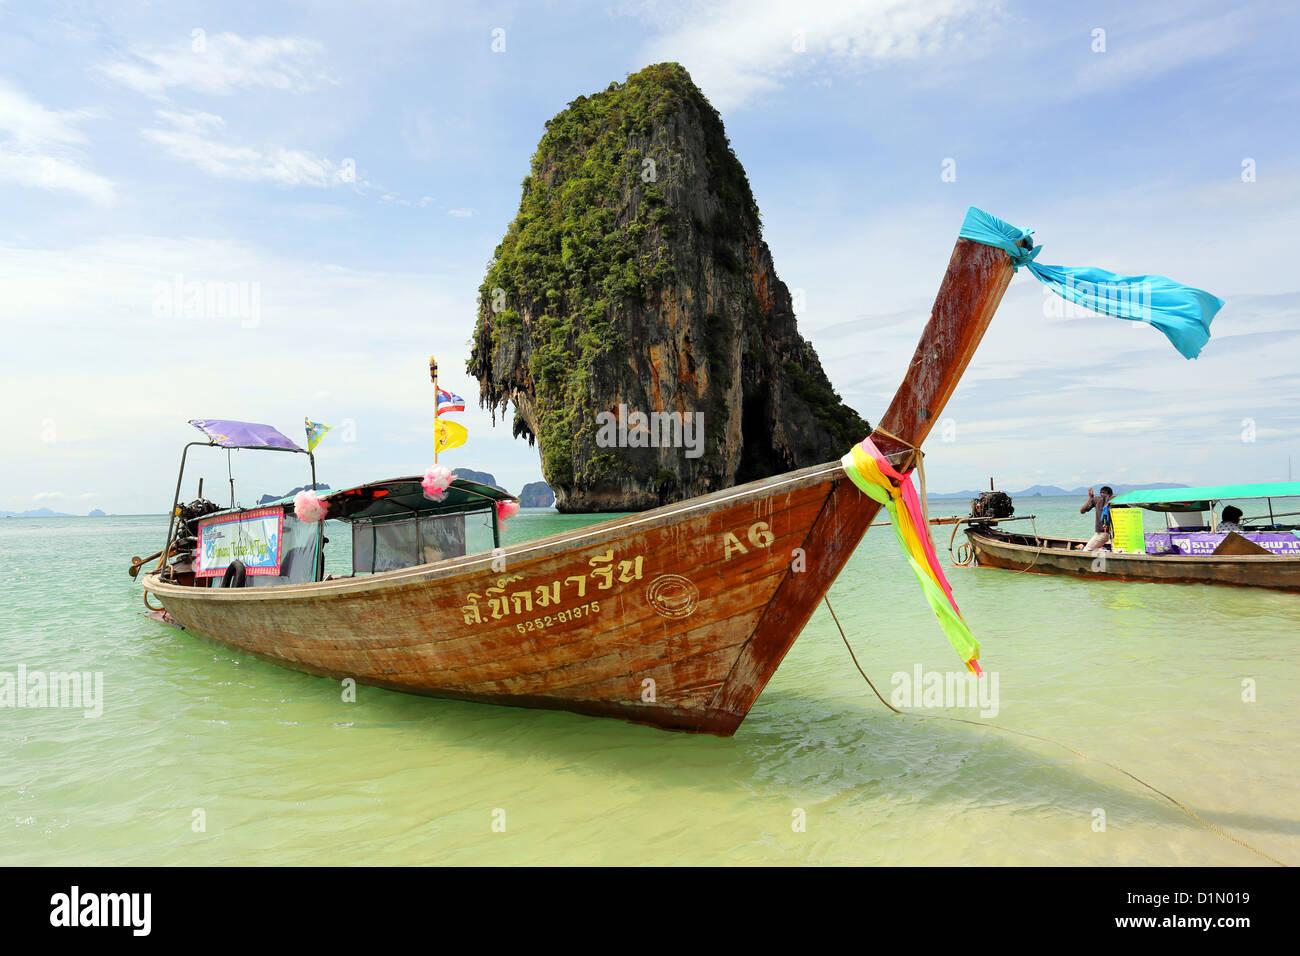 Tailandese tradizionale barca dalla coda lunga a Phranang Cave Beach, Railay Beach, Krabi, Phuket, Tailandia Immagini Stock